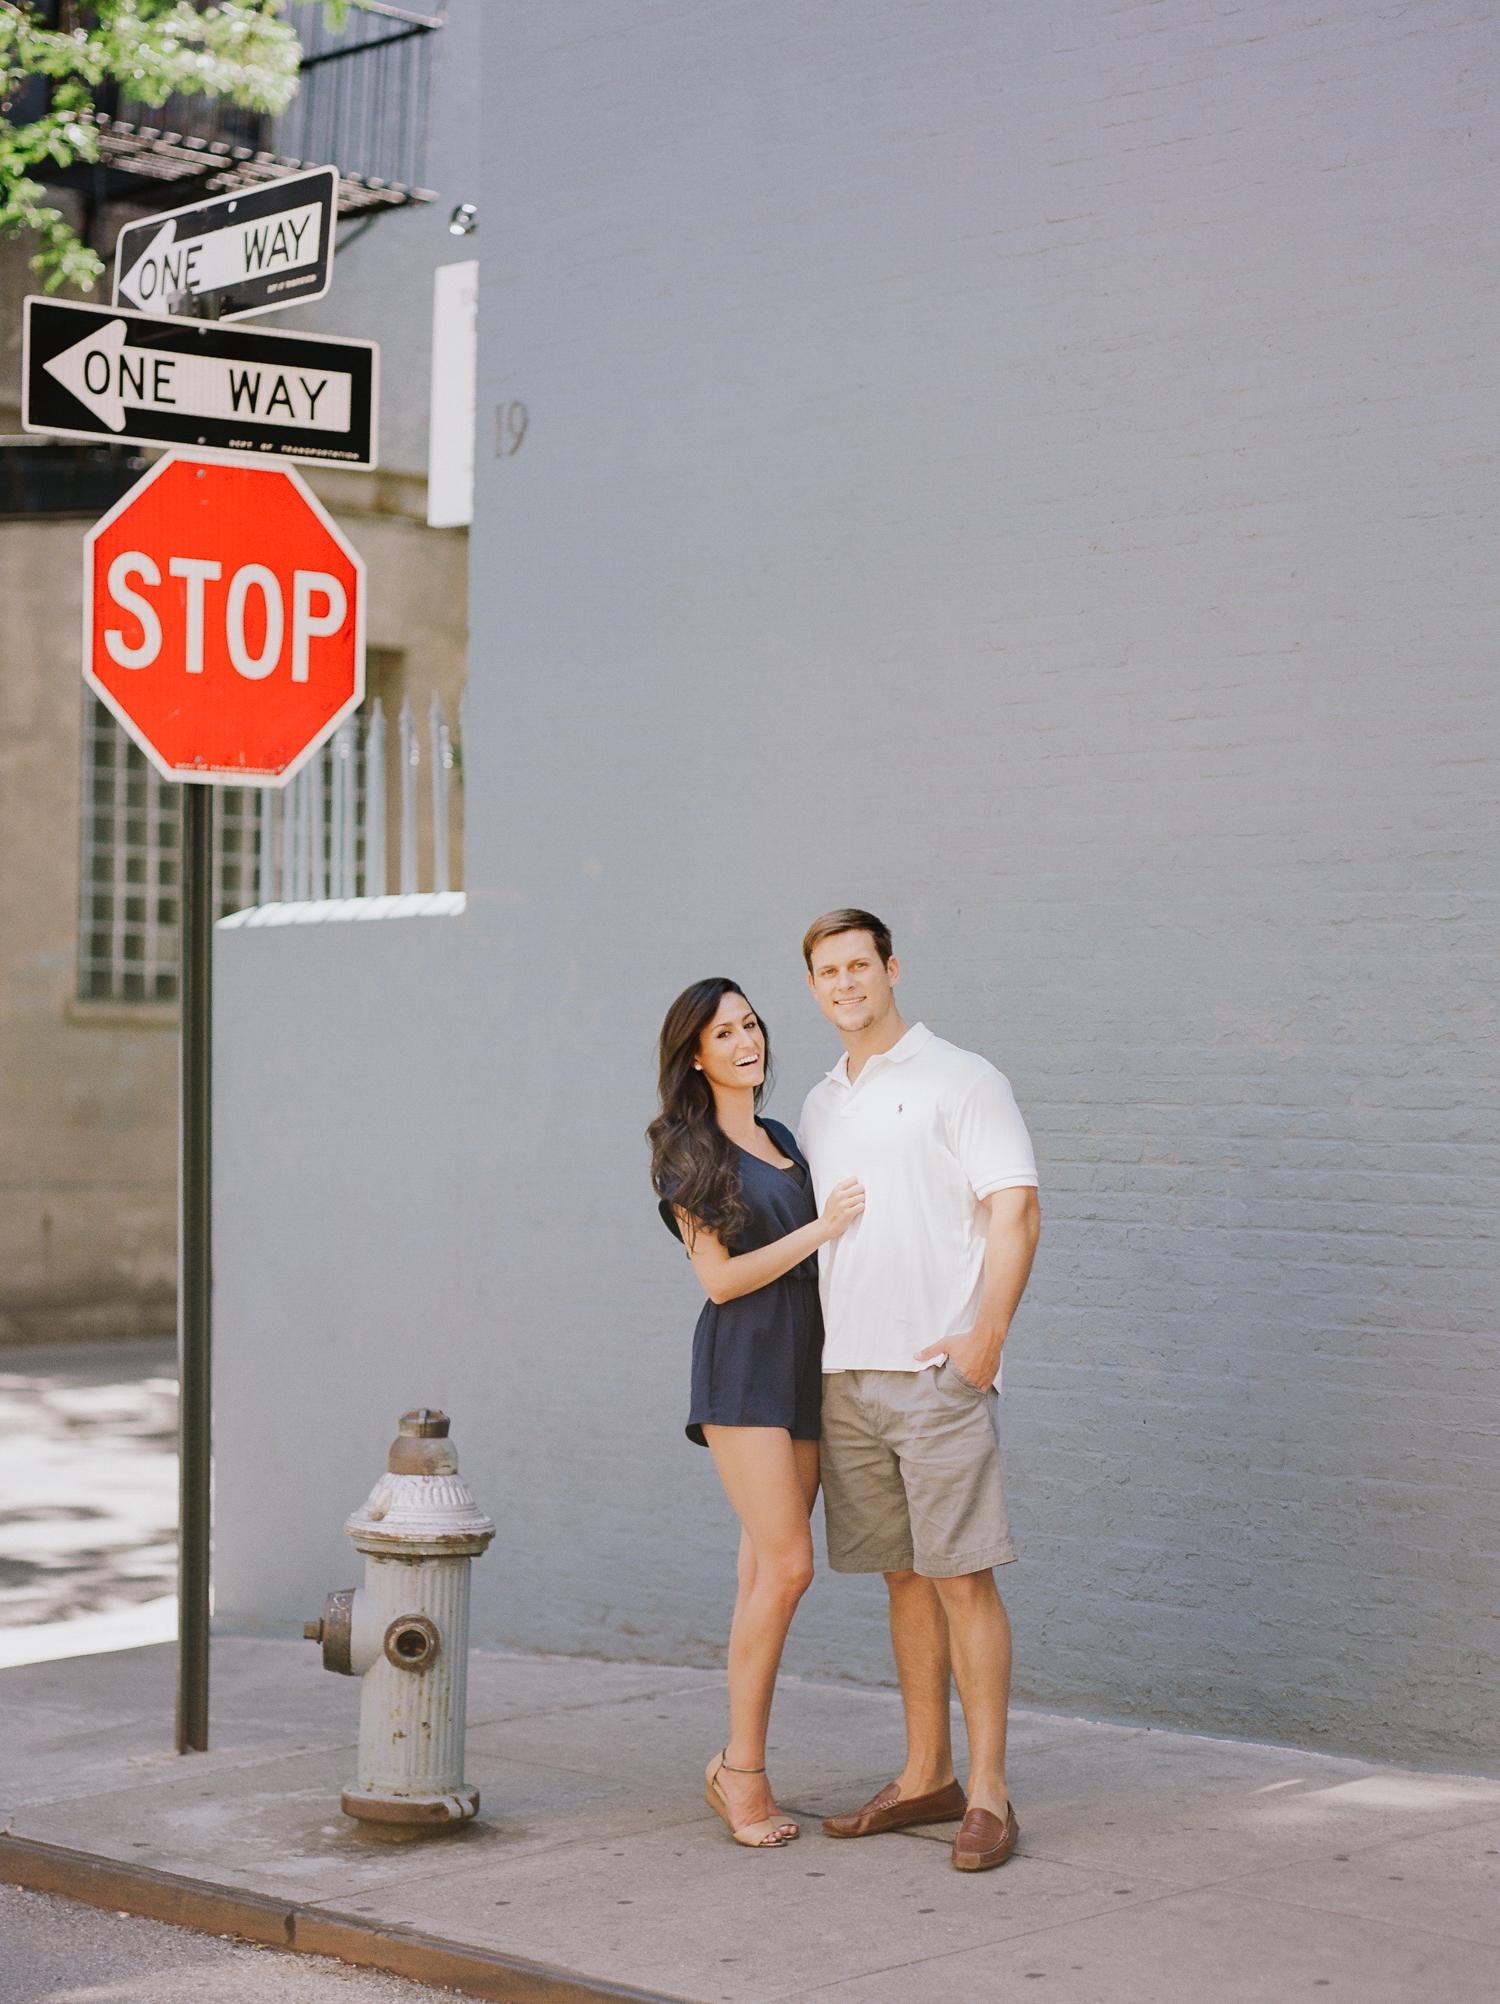 NYC-engagement-photos-by-Tanya-Isaeva-29.jpg